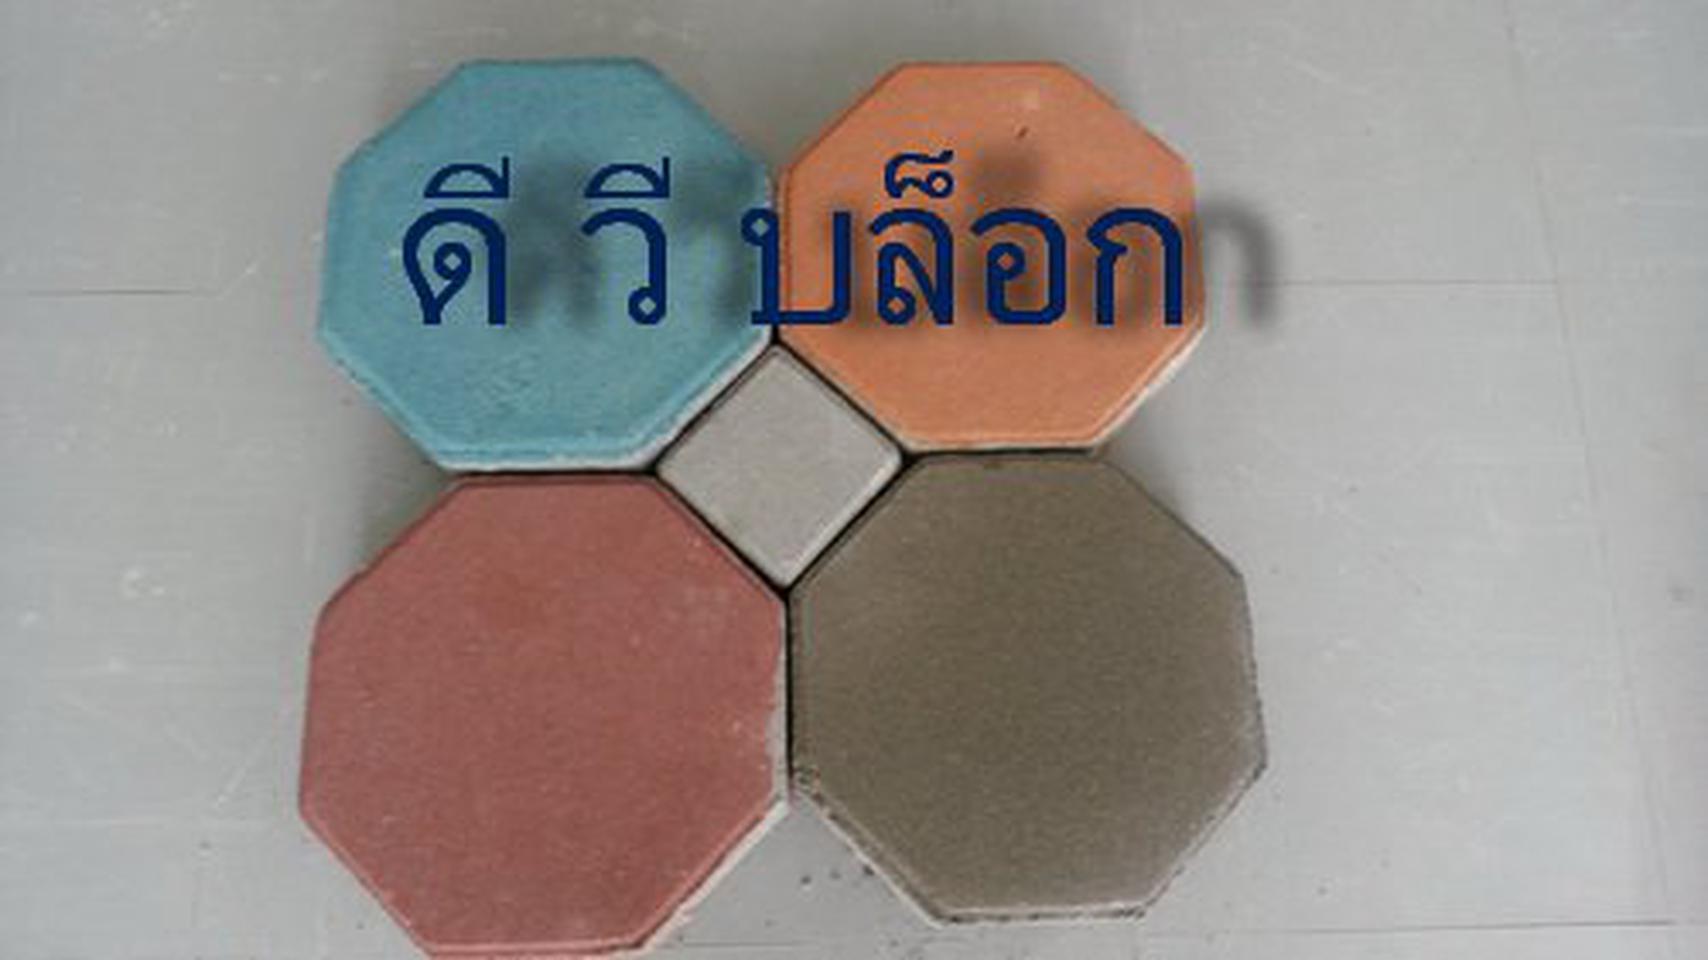 บล๊อคปูพื้นตัวหนอน บล๊อคปูหญ้า  0890229985 รูปที่ 5